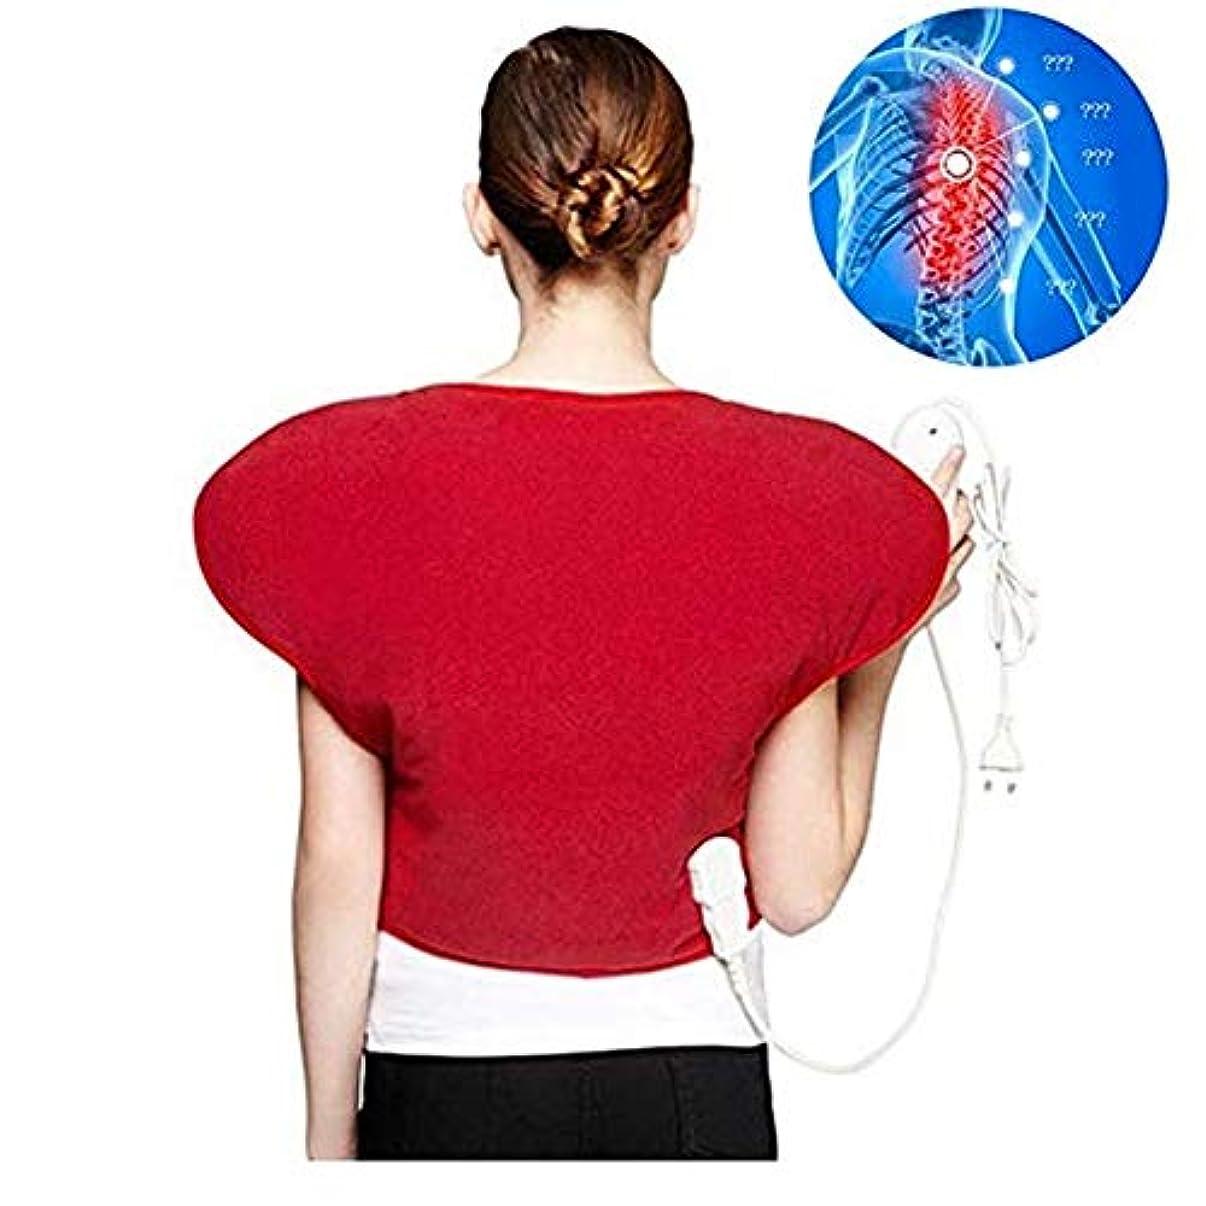 スタイル差別地獄肩と首の電気ヒーターパッド - 物理的な痛みの救済ホットヒートのベスト、3ファイル一定の温度、自動パワーオフ、医療用品蝶形のマッサージのヒートパッド